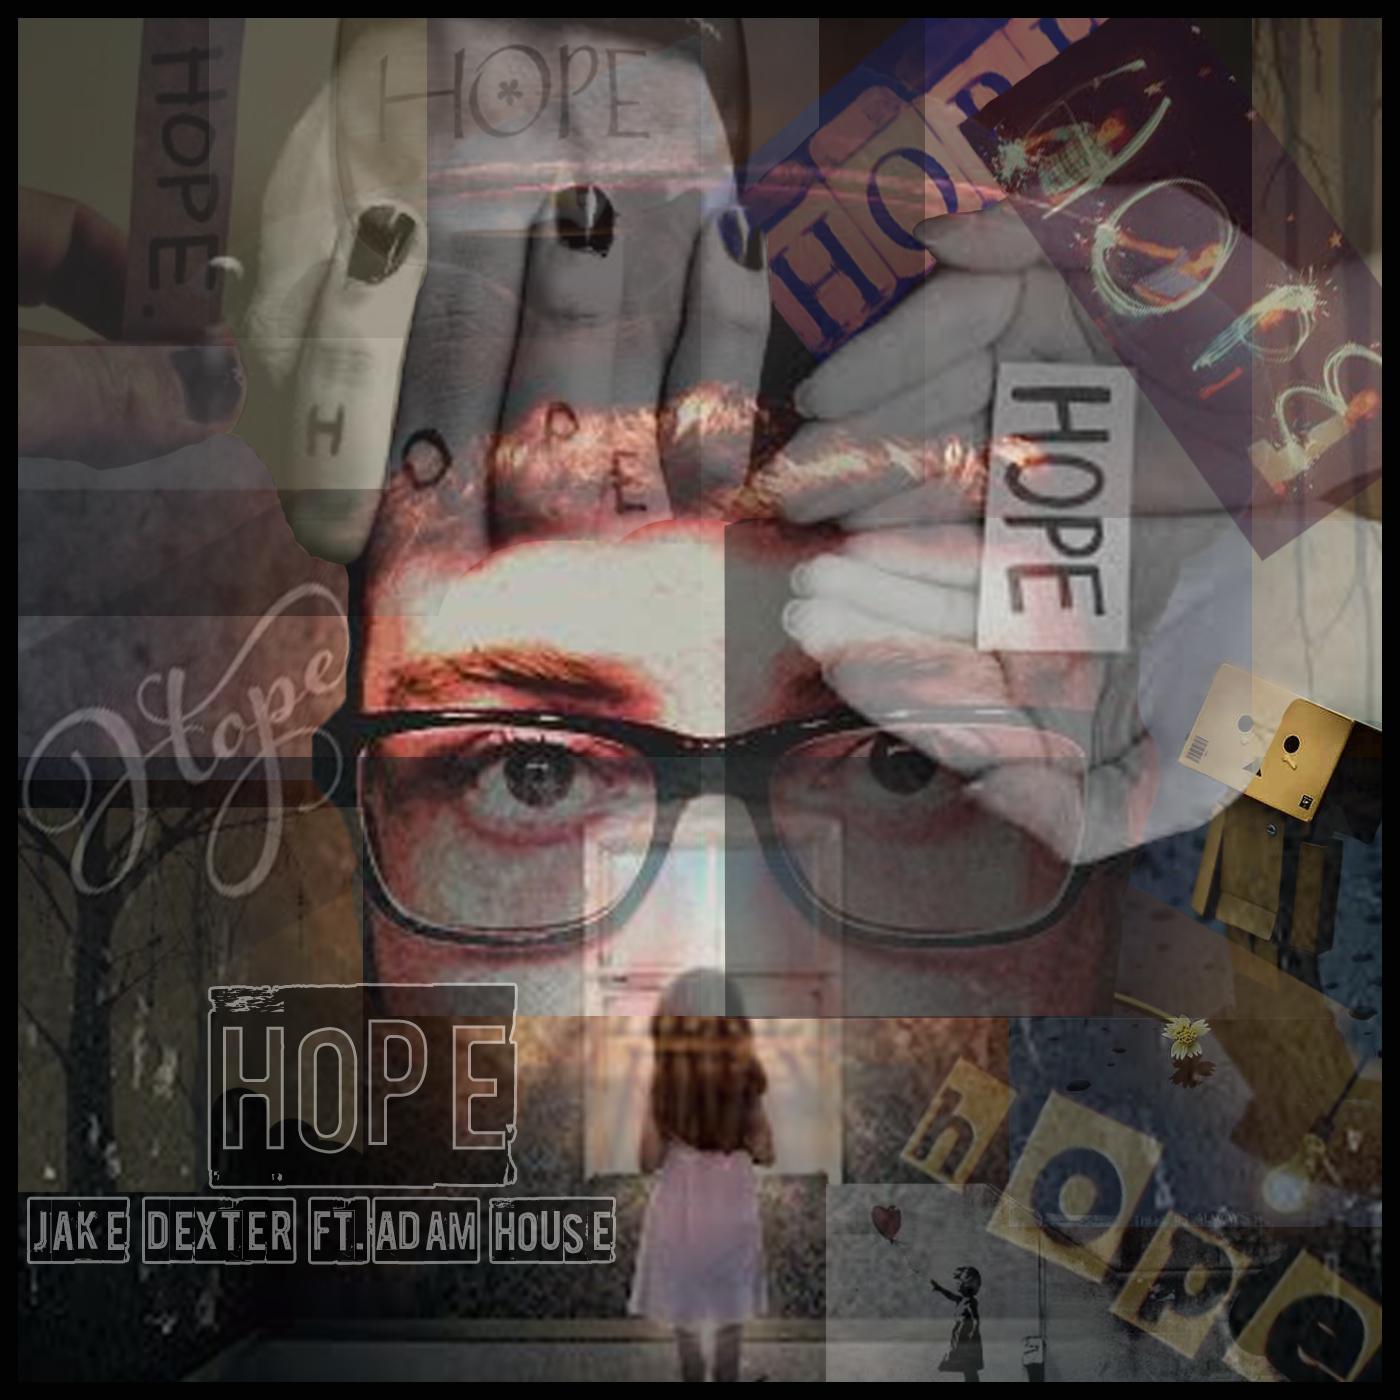 HopeSingleCover.jpg